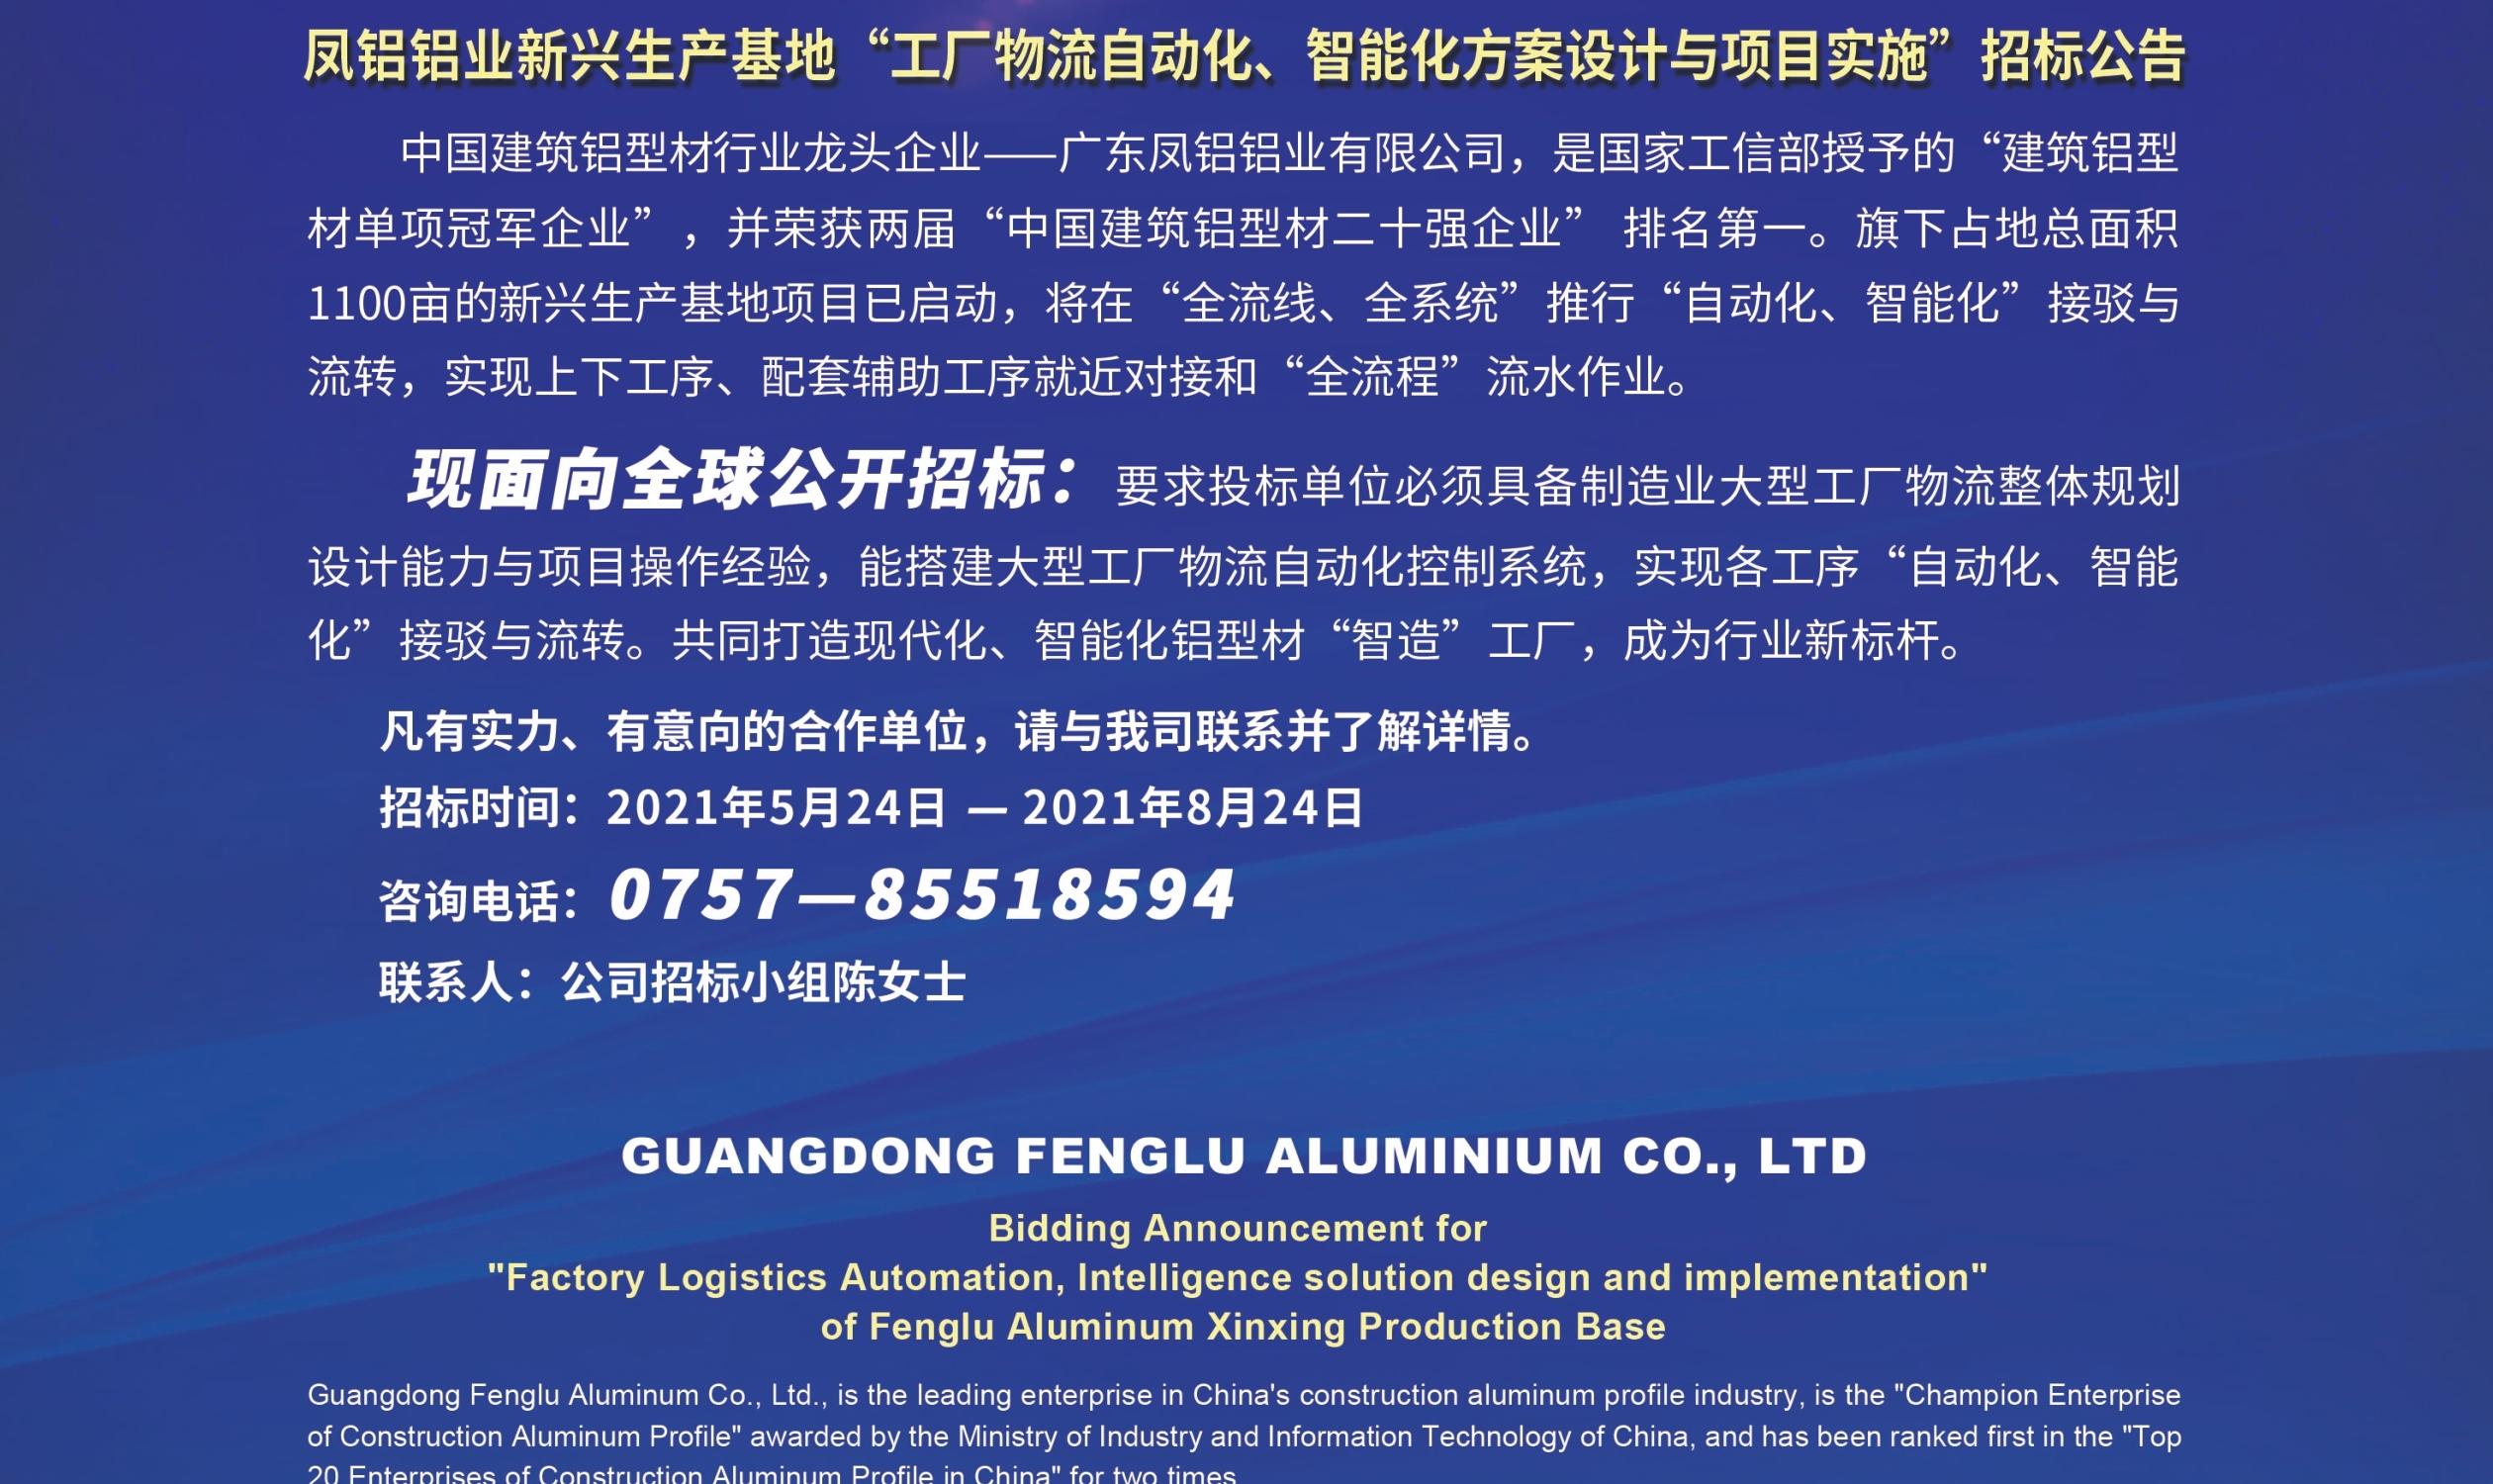 """凤铝铝业新兴生产基地""""工厂物流自动化、智能化方案设计与项目实施""""招标公告"""